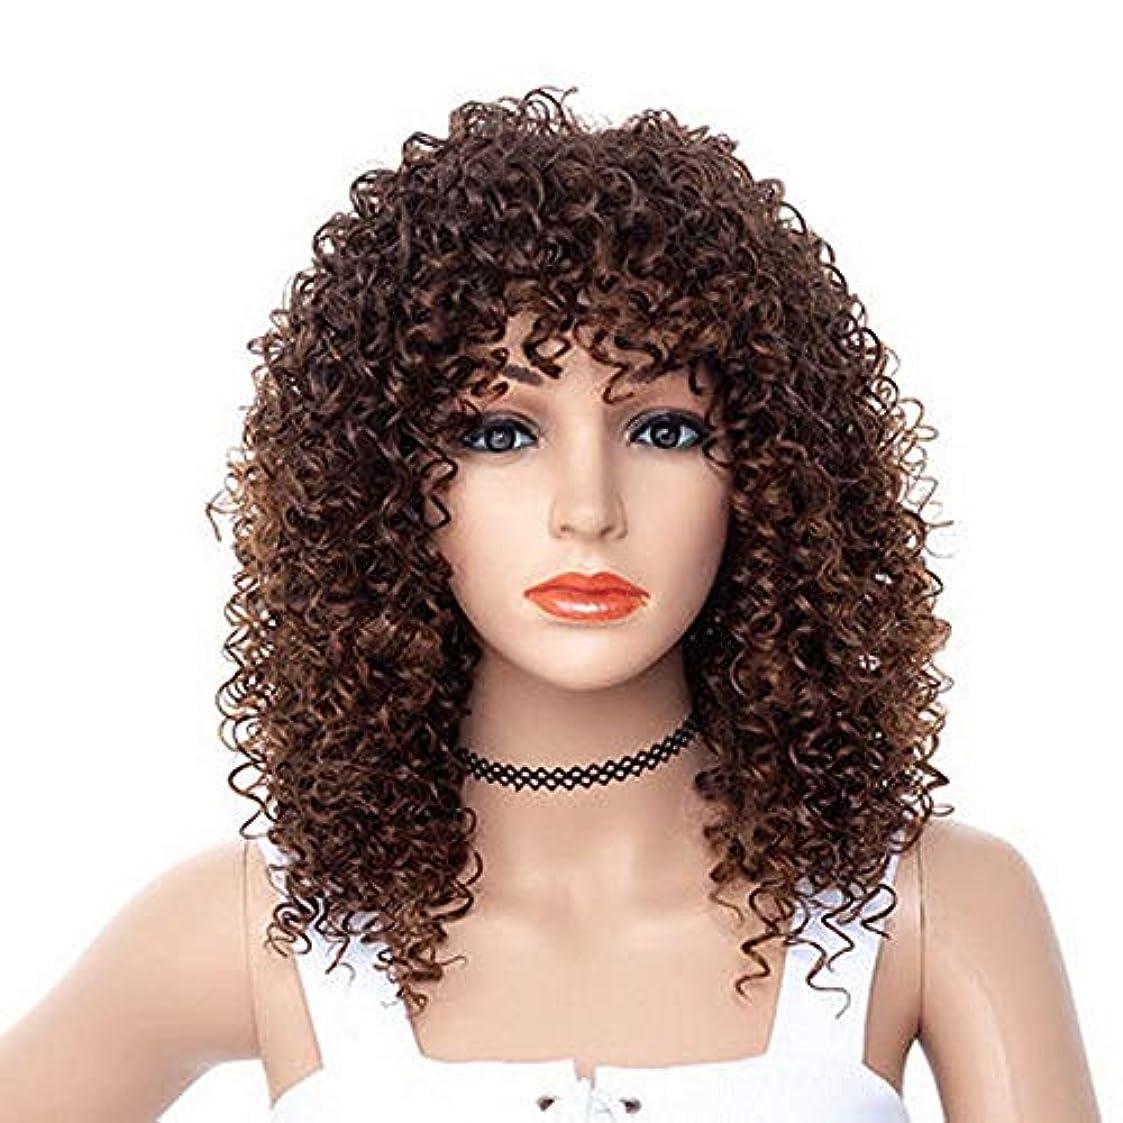 休日手のひら建てる女性のための色のかつら長いウェーブのかかった髪、高密度温度合成かつら女性のグルーレスウェーブのかかったコスプレ髪のかつら、女性のための耐熱繊維の髪のかつら、黒のかつら18.5インチ